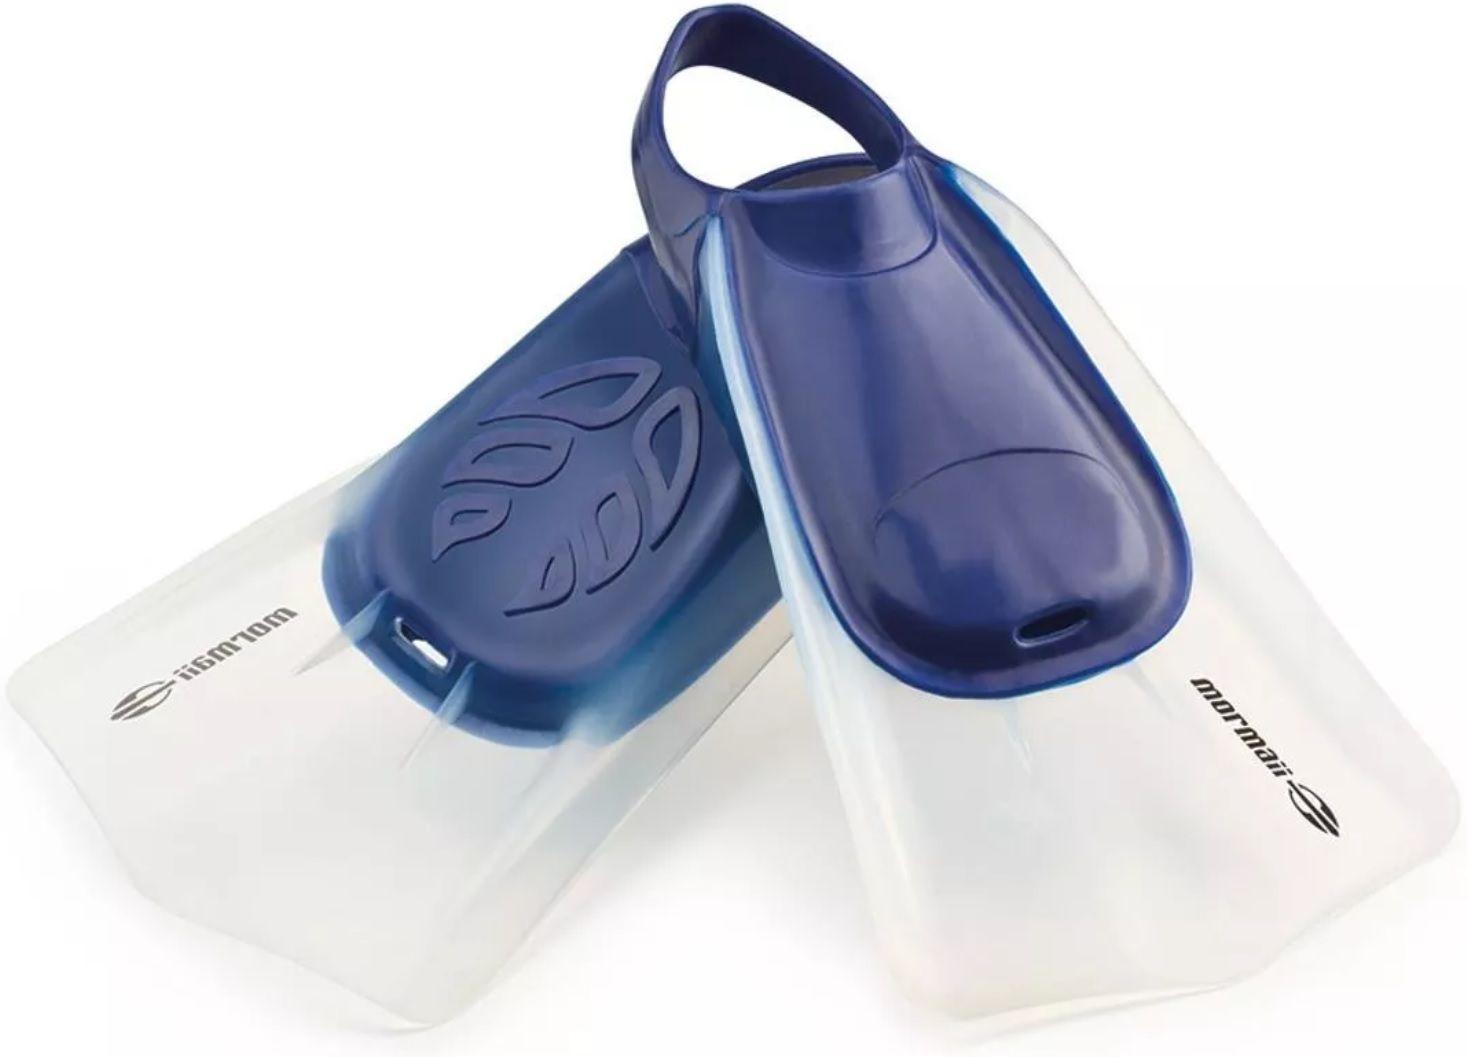 Nadadeira Pé de Pato Mormaii Wave Azul Tamanho G para Bodyboard e Natação